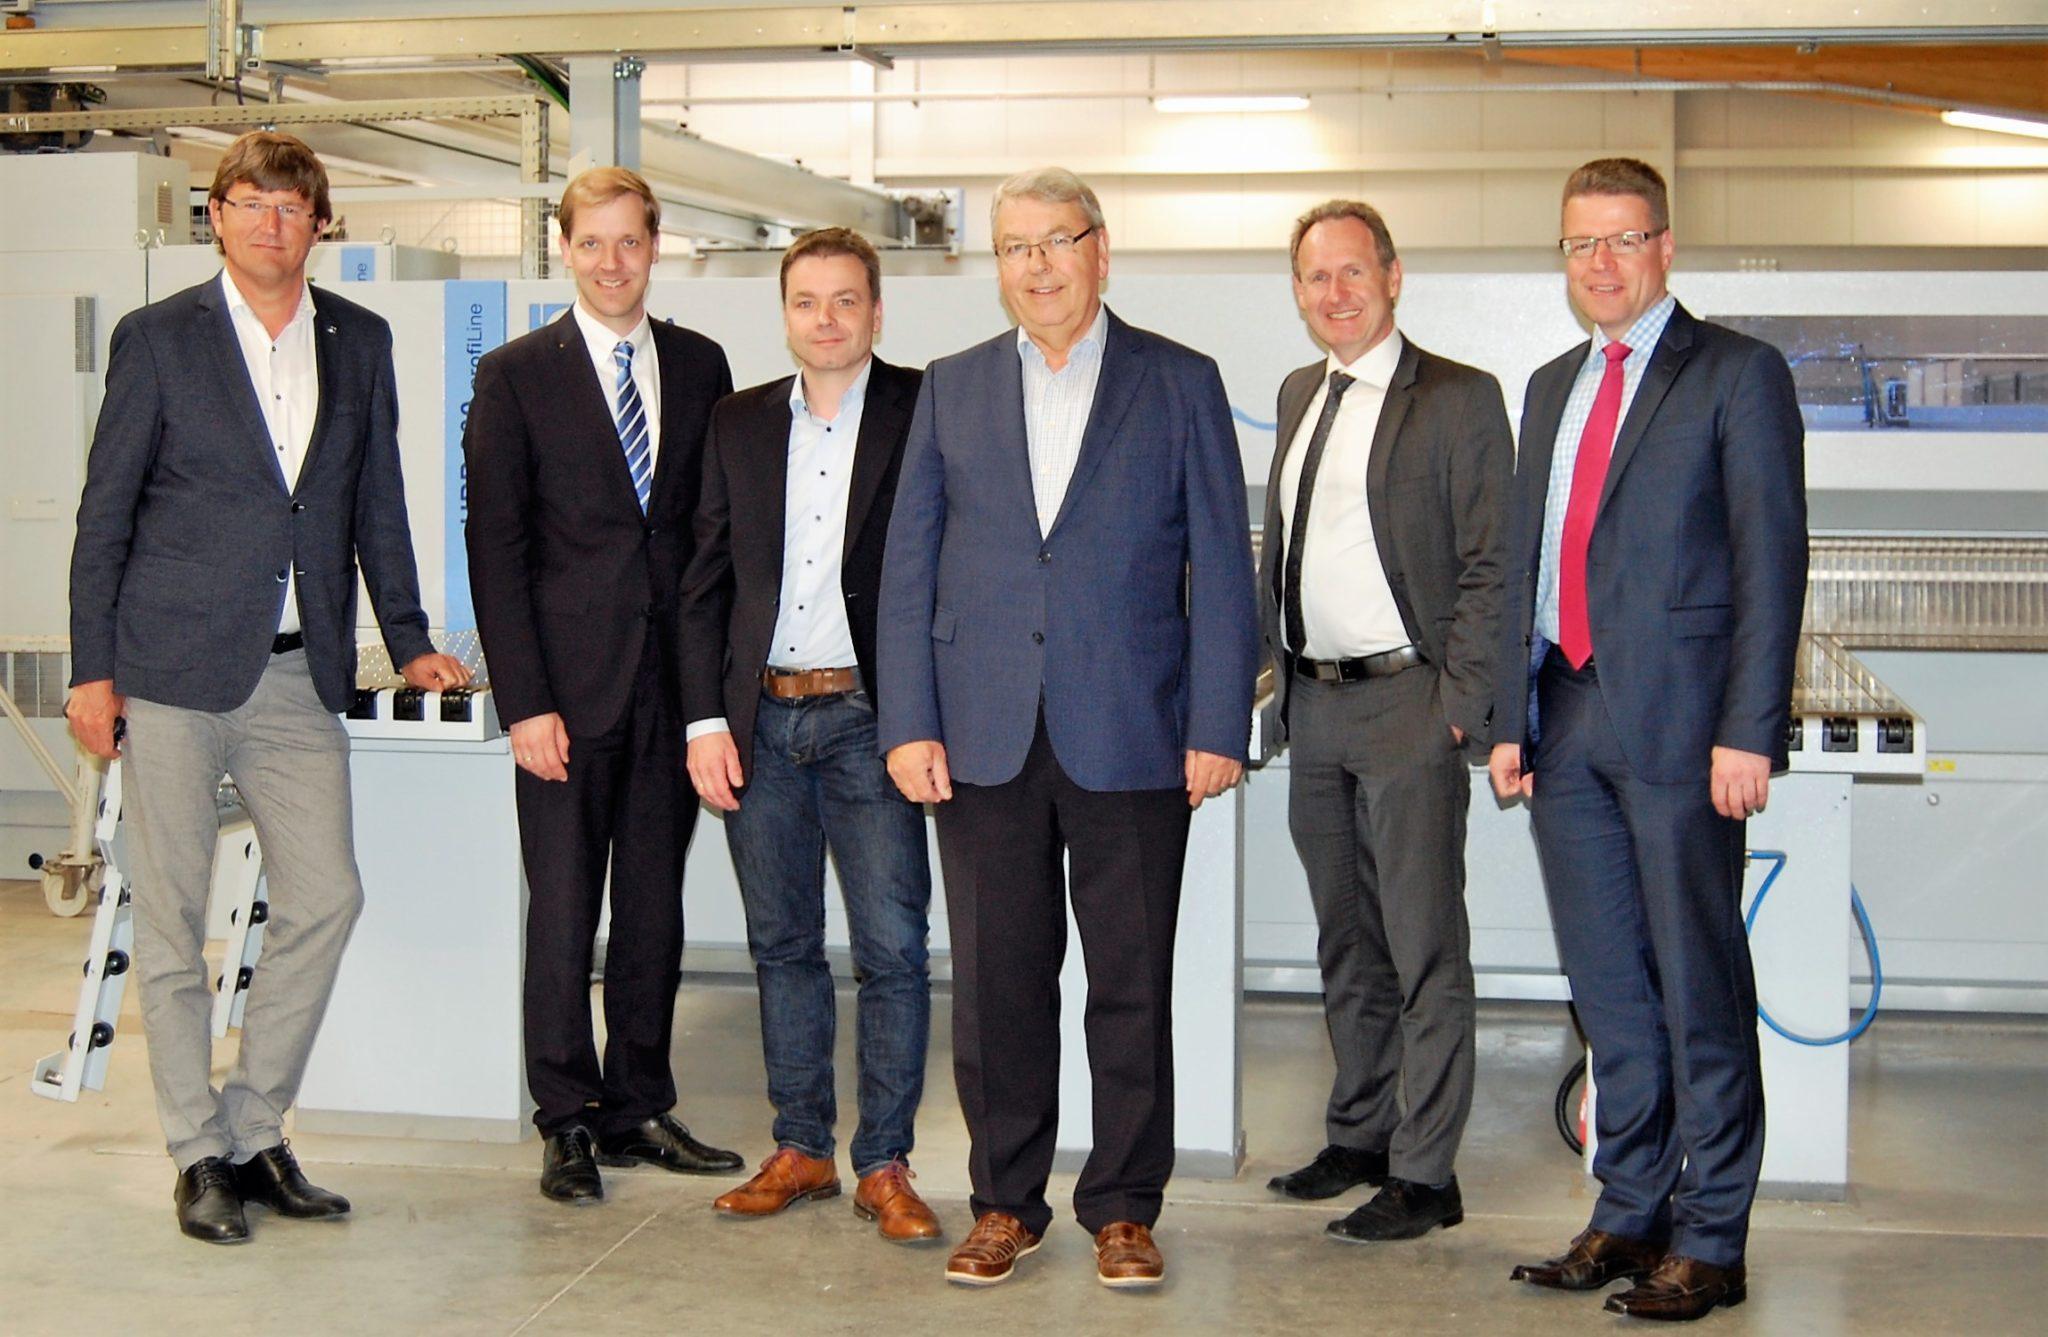 Landrat Schulze Pellengahr und wfc Kreis Coesfeld zu Besuch bei Hoffmann Ladenbau in Rosendahl